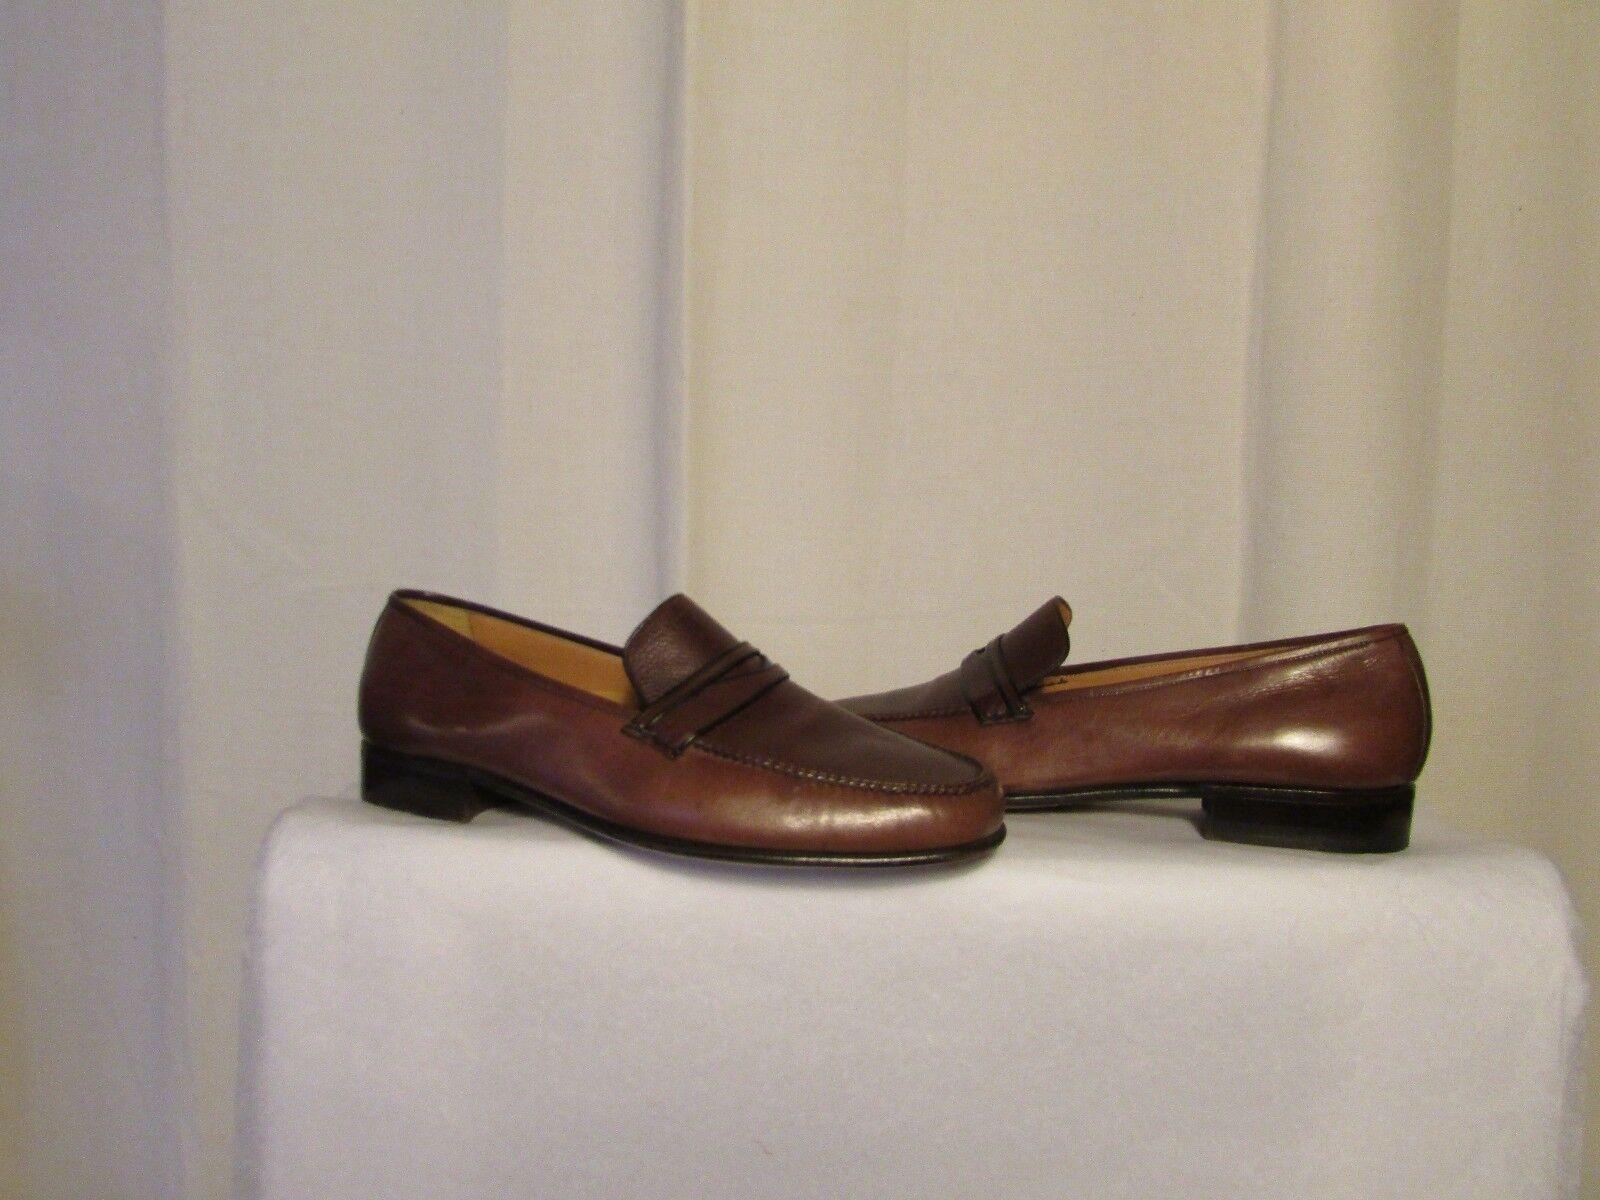 Schuhe vintage vintage vintage A.TESTONI Leder + oder - Karamell und Leder gemasert braun 9,5 F e7738d